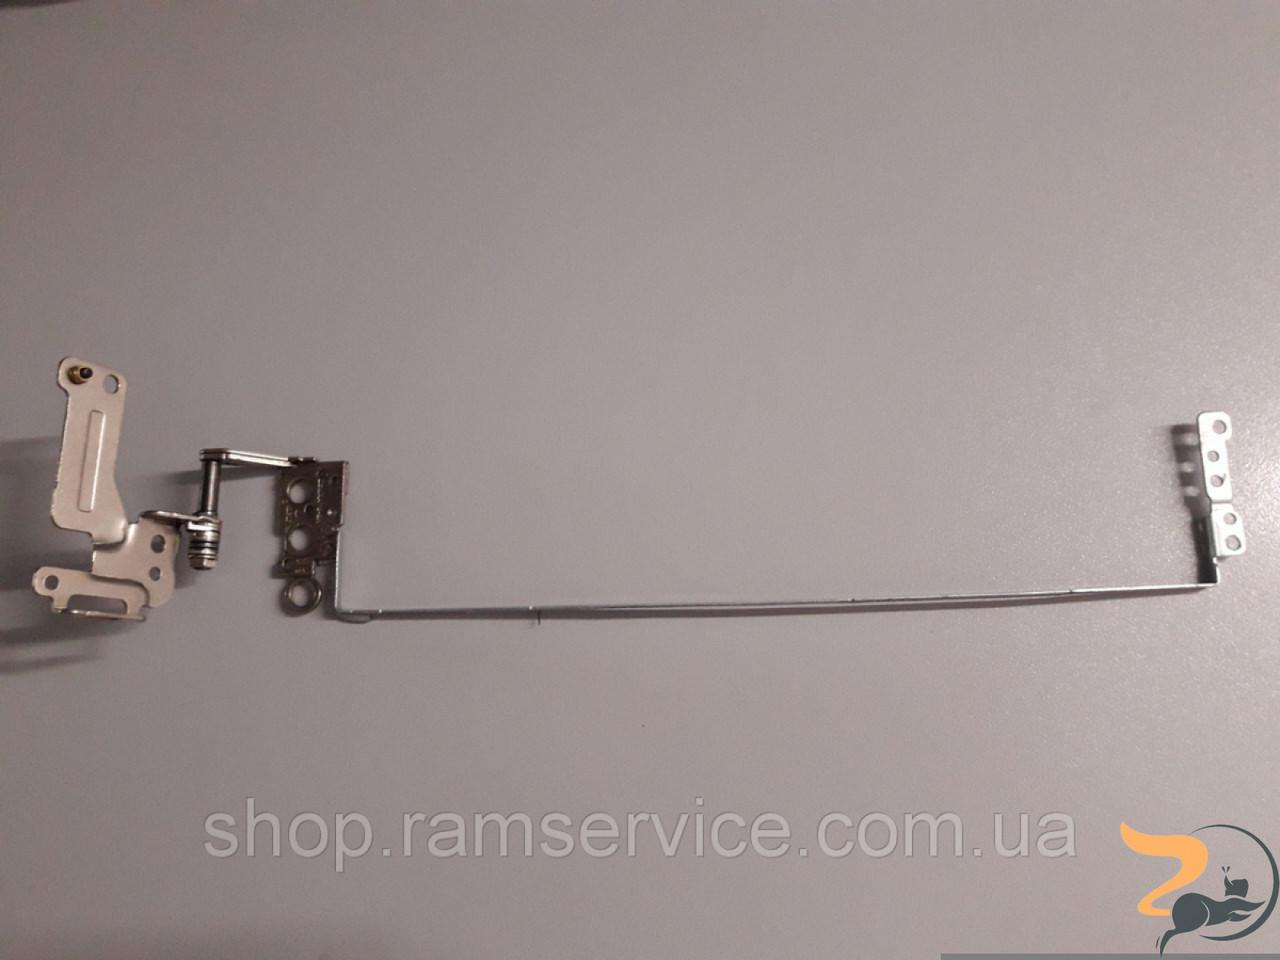 Права петля для ноутбука Toshiba Satellite C55, AM15H000900 в хорошому стані, без пошкоджень.